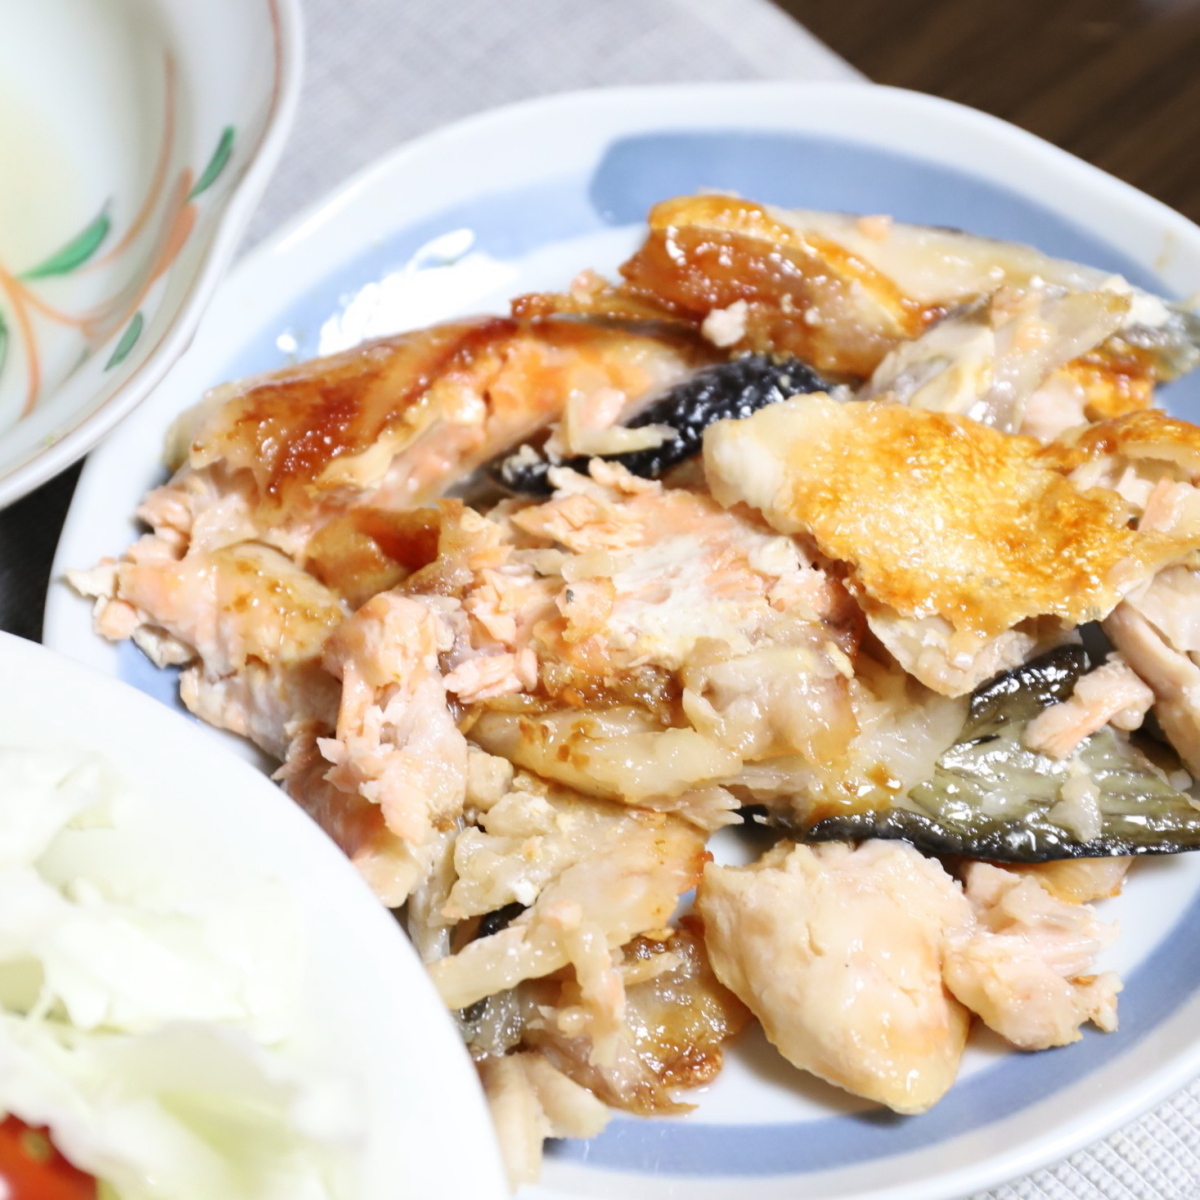 皿に乗っている鮭のアラを焼いたもの